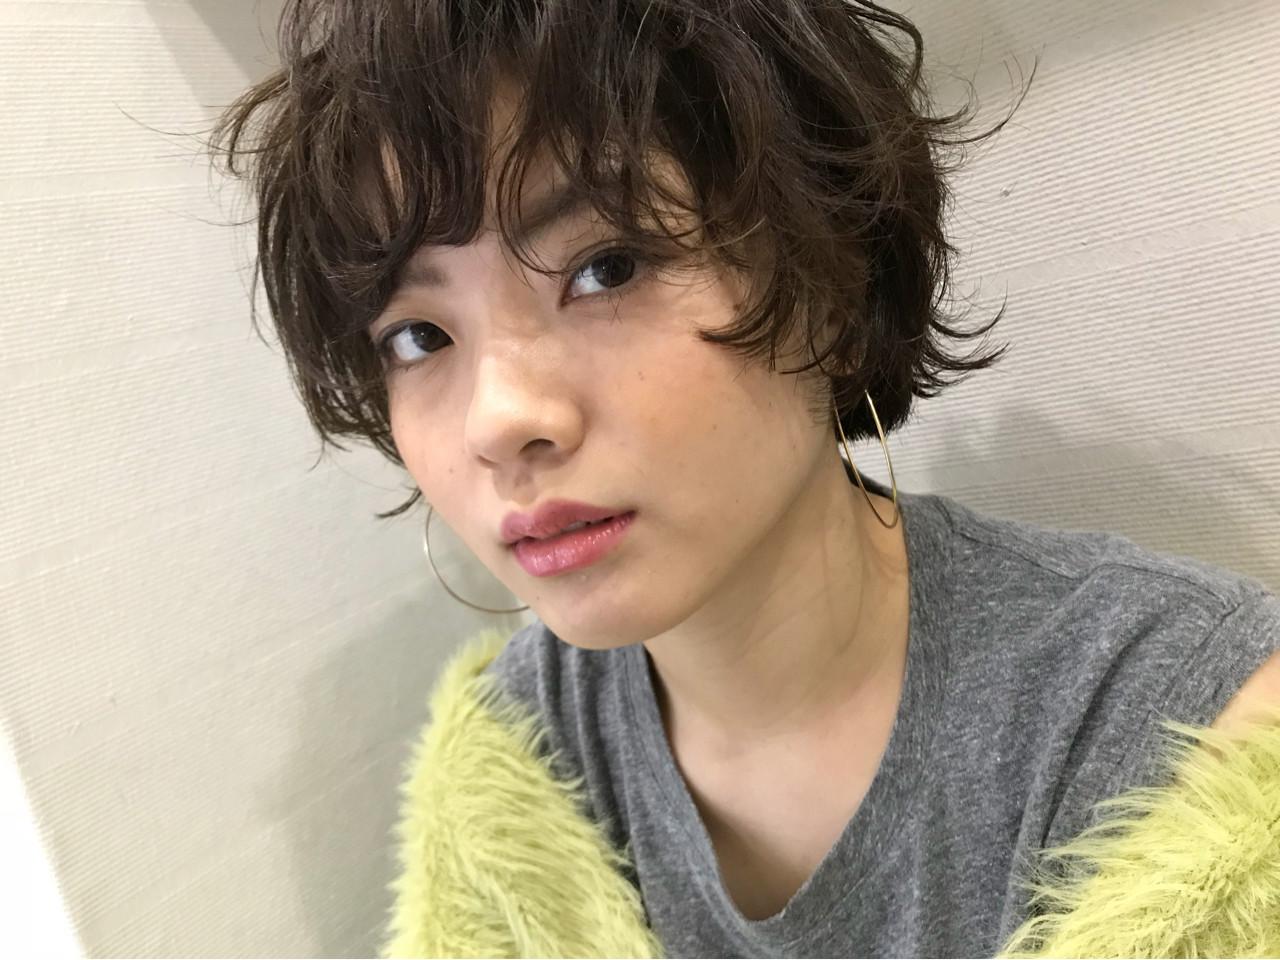 ふわクシュ質感♪ウェーブのマッシュショート natsuki | hair make design paf